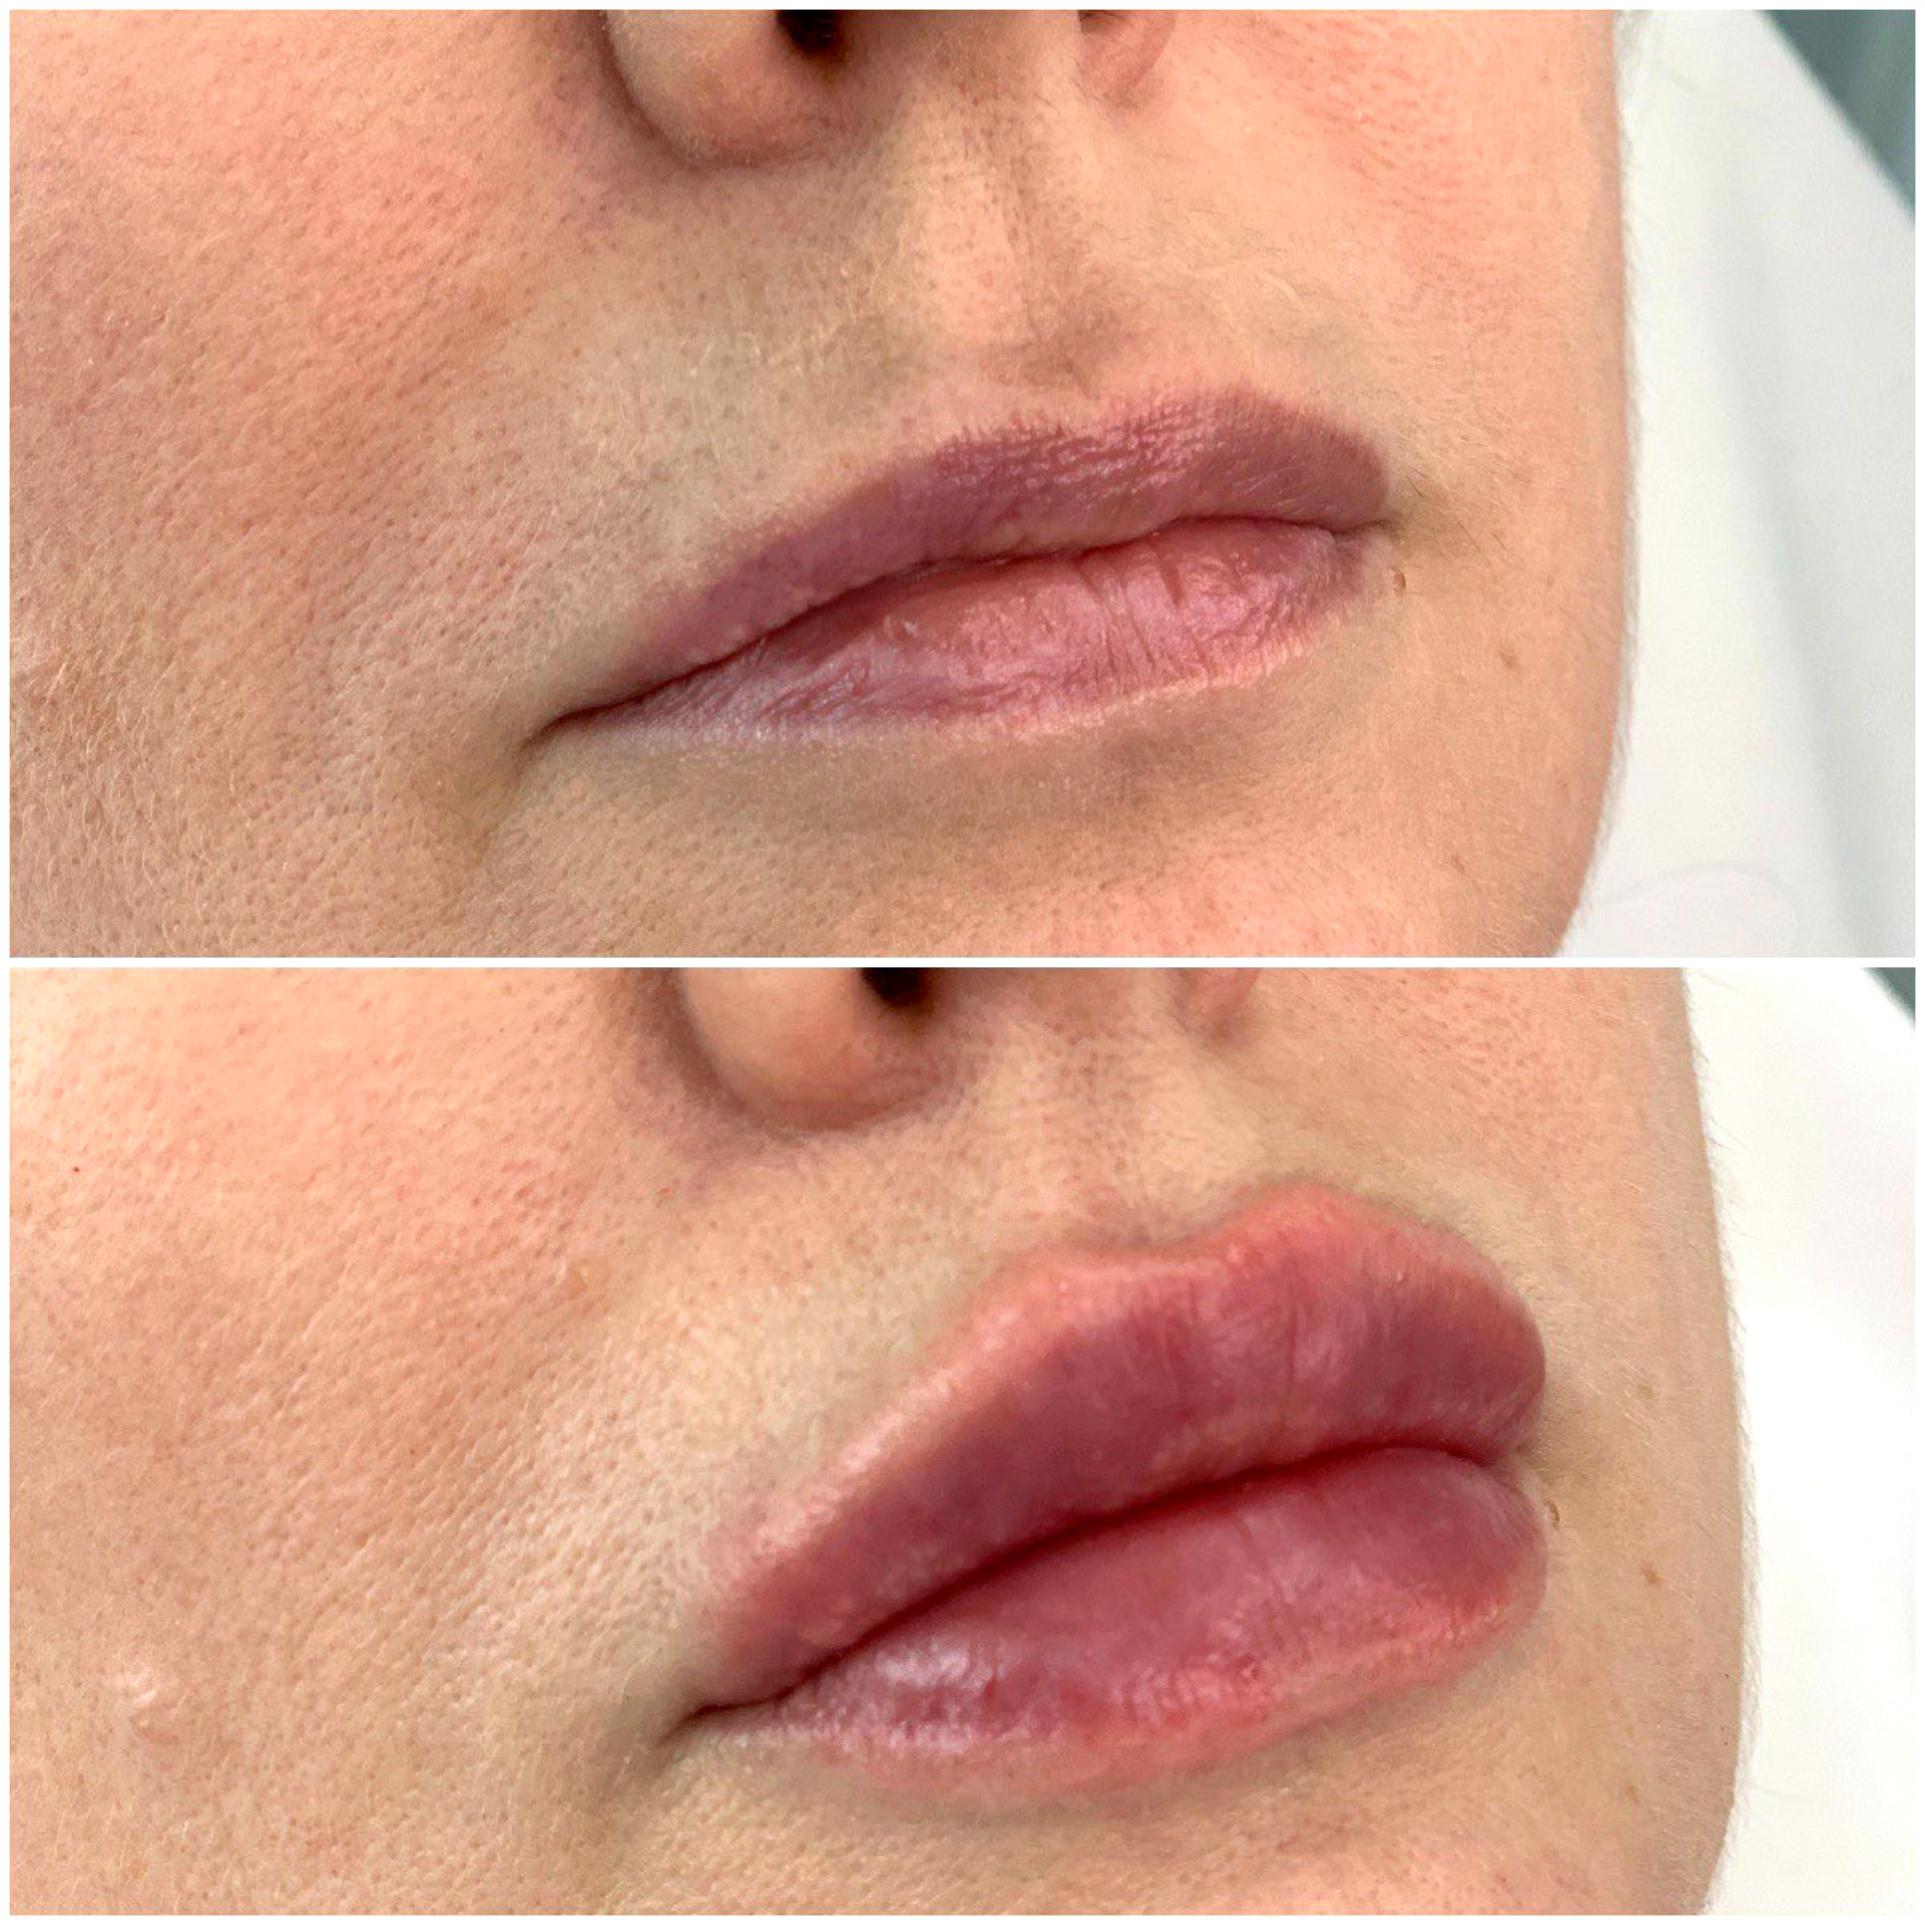 Отек после увеличения губ: ответы на вопросы